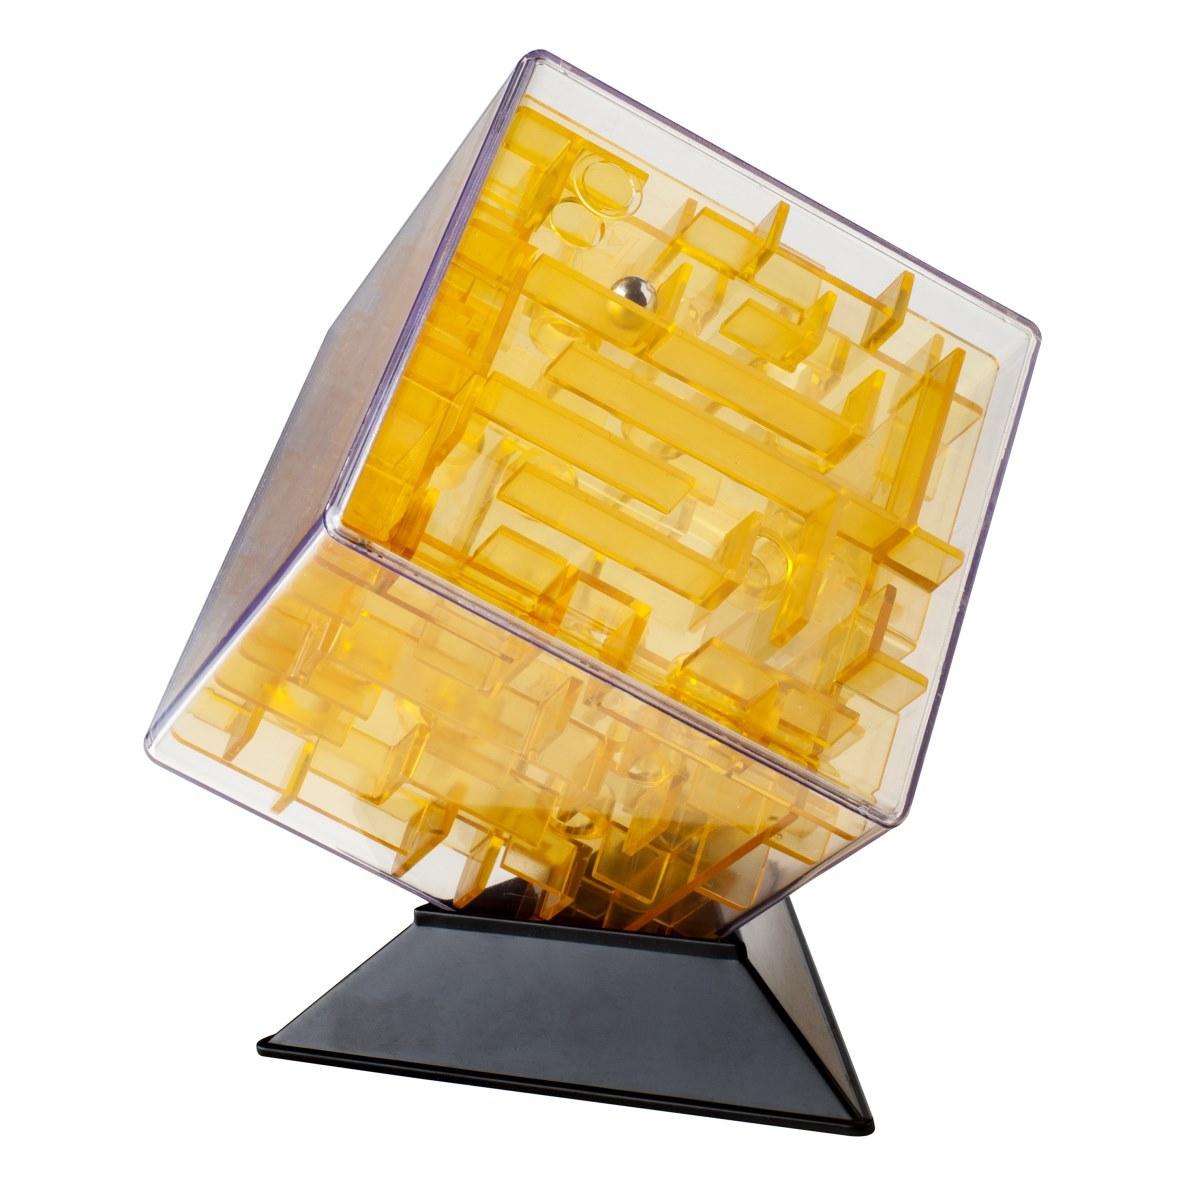 Labirintus Головоломка Куб цвет желтый 10 см labirintus головоломка брелок цвет оранжевый